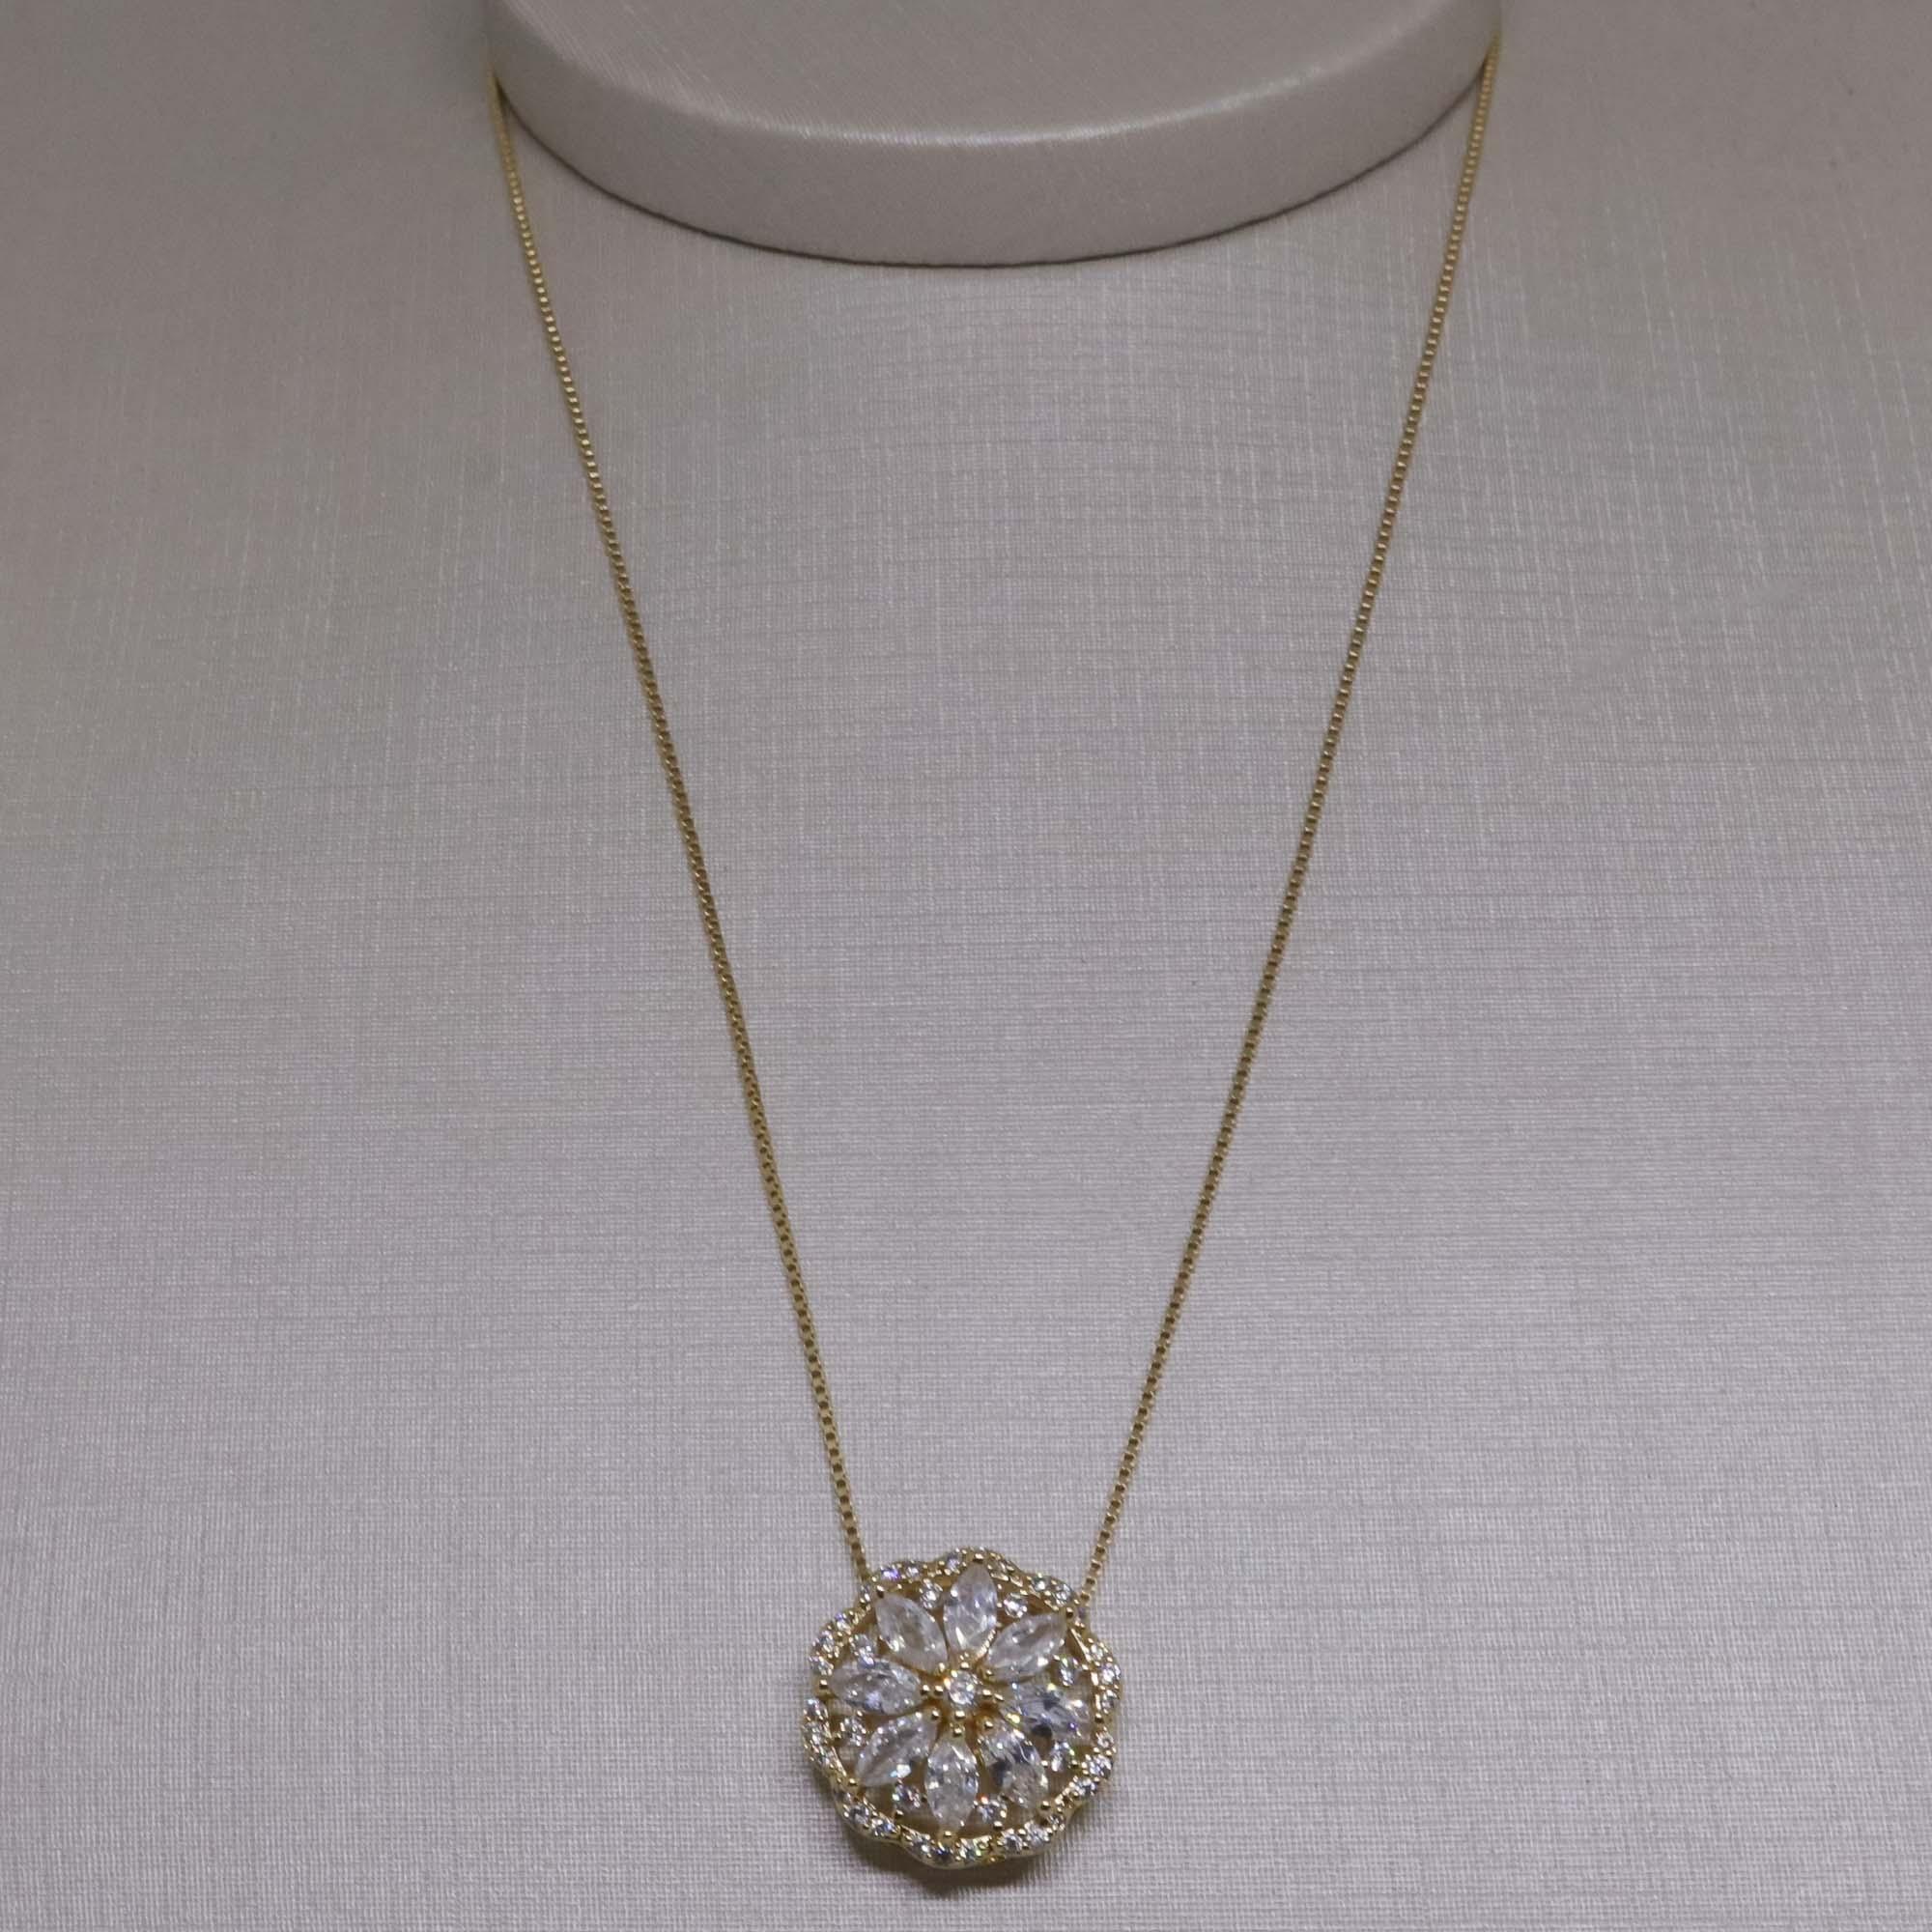 Colar Gargantilha Semi joia flor com zircônias Navettes banhado a ouro 18k ou rhodium